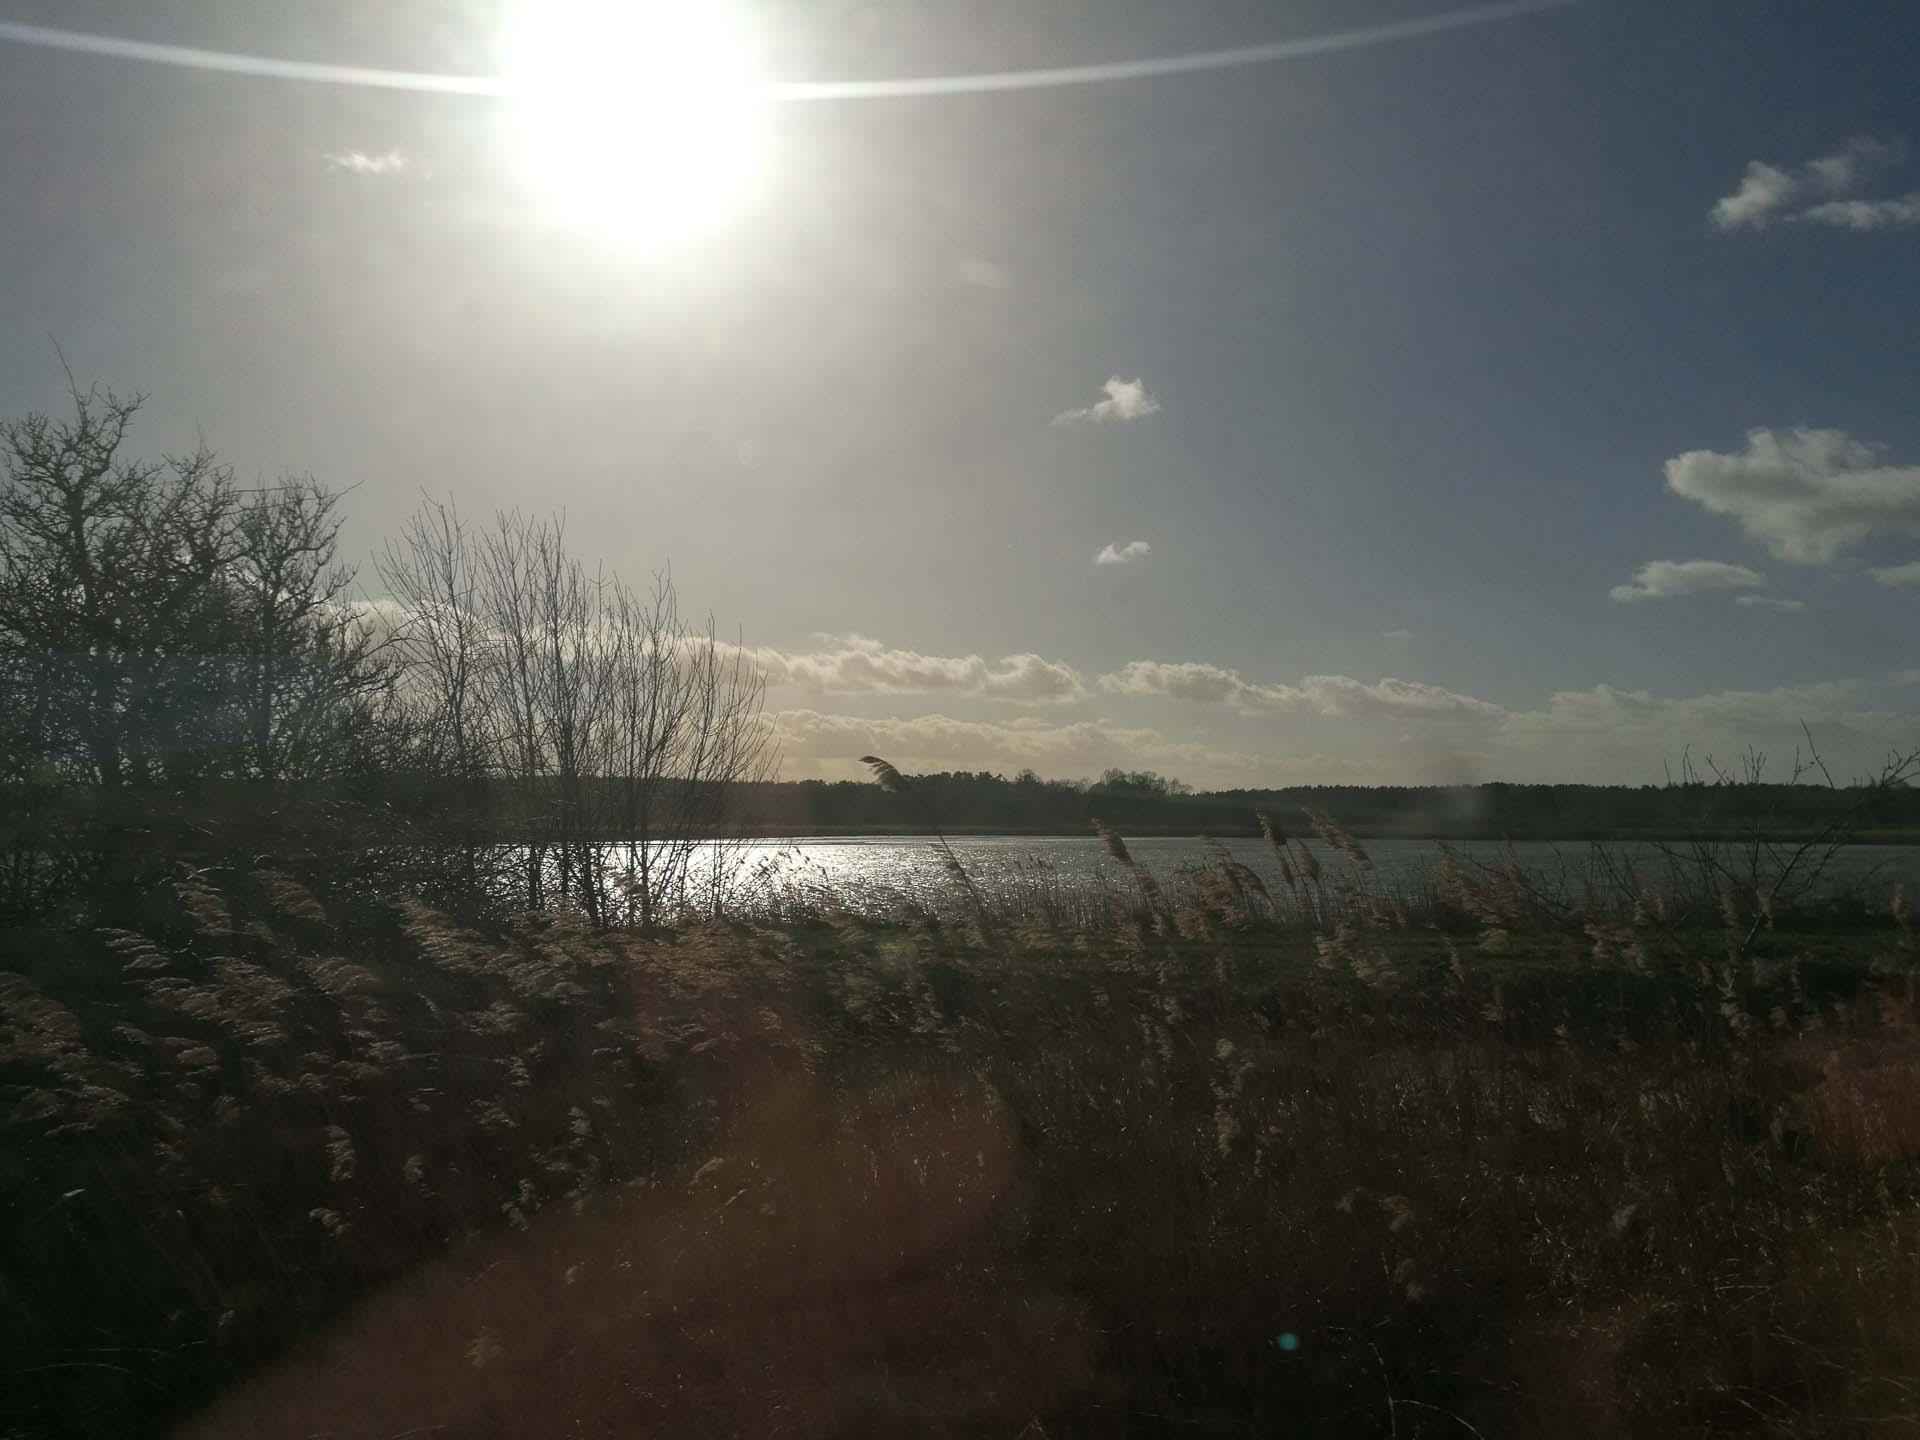 Sonne auf der Rückfahrt vom Zug aus...fühl mich leicht veräppelt